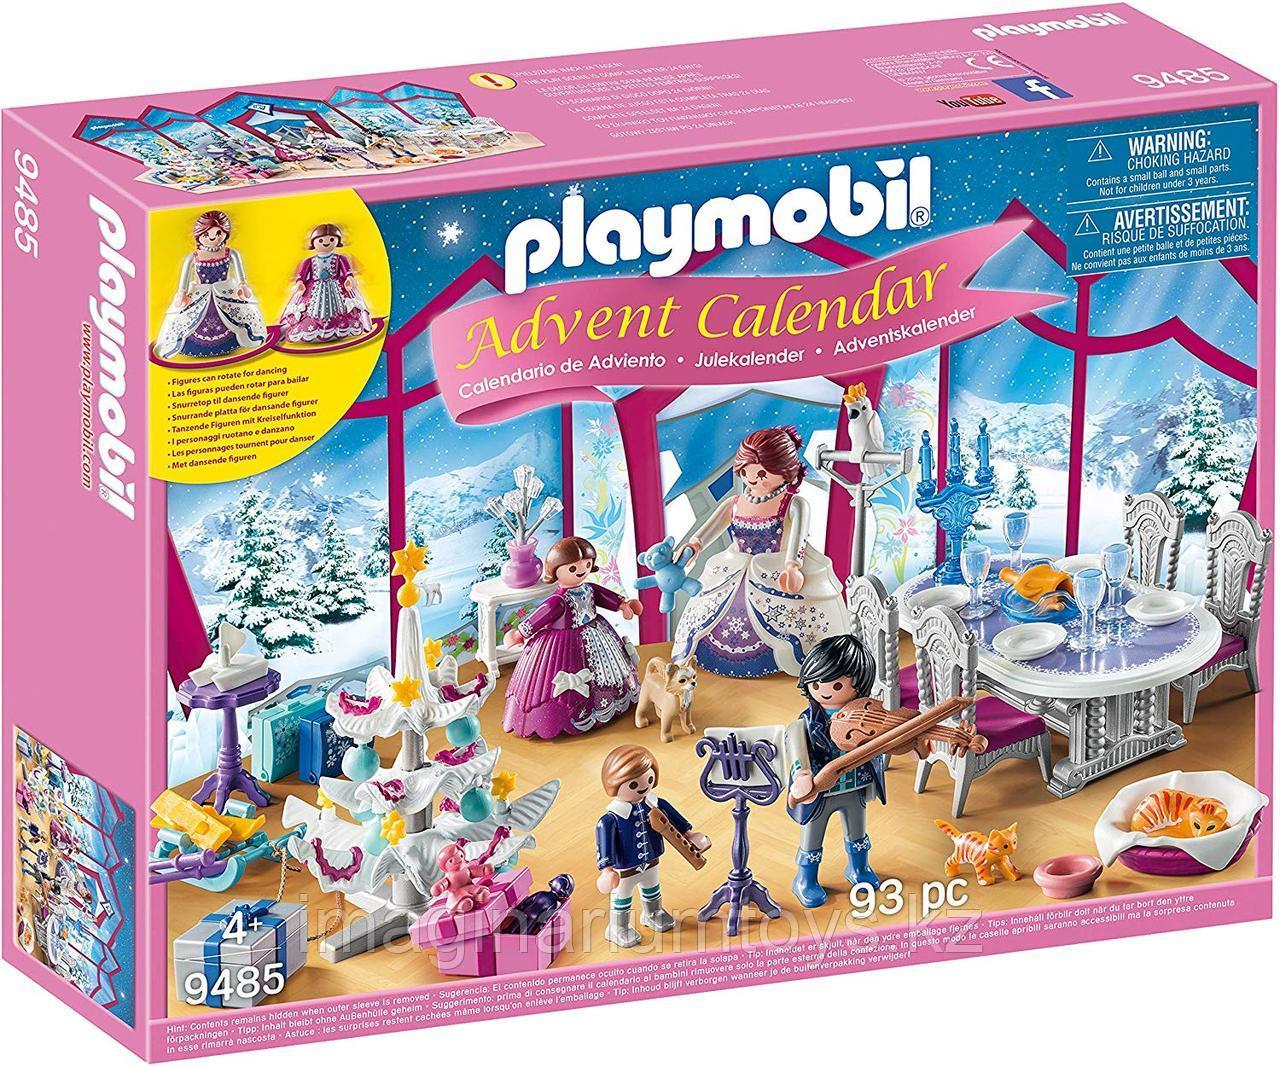 Адвент календарь Playmobil «Рождественский бал» Advent Calendar  9485